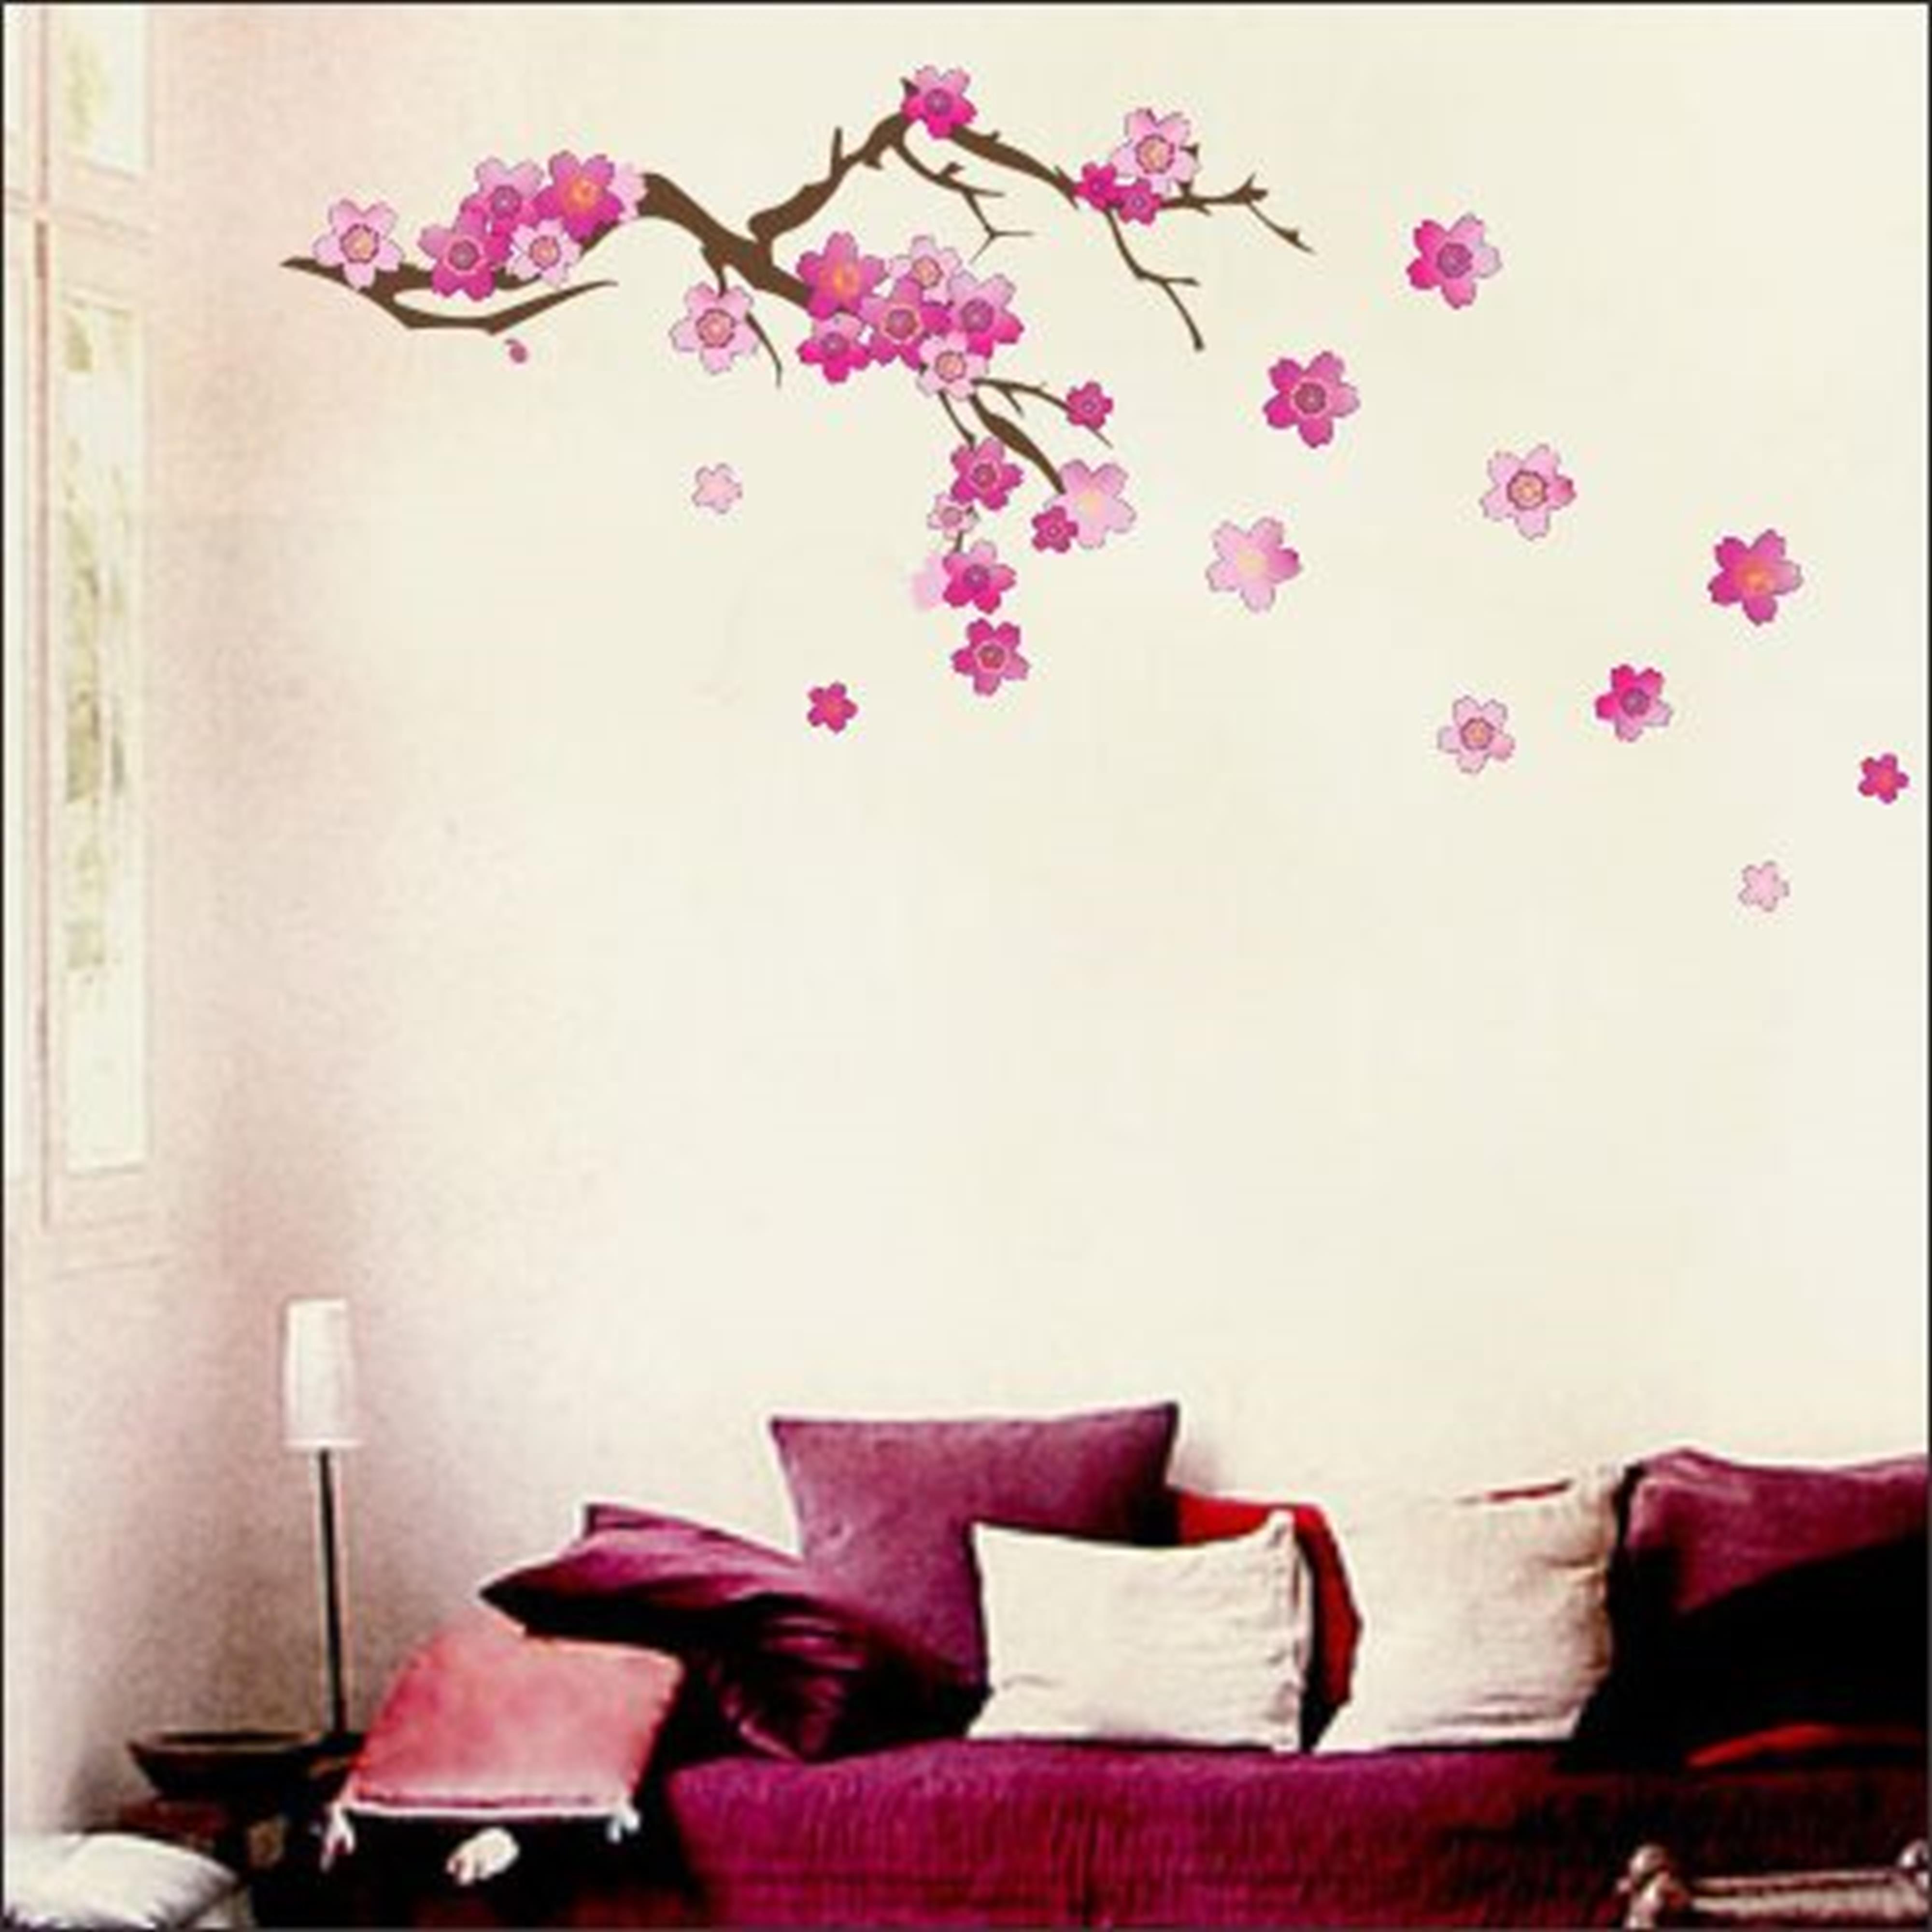 Adesivo Parede Flores De Cerejeira No Elo7 Artm Decora O Criativa  -> Adesivo Decorativo Na Parede De Tv